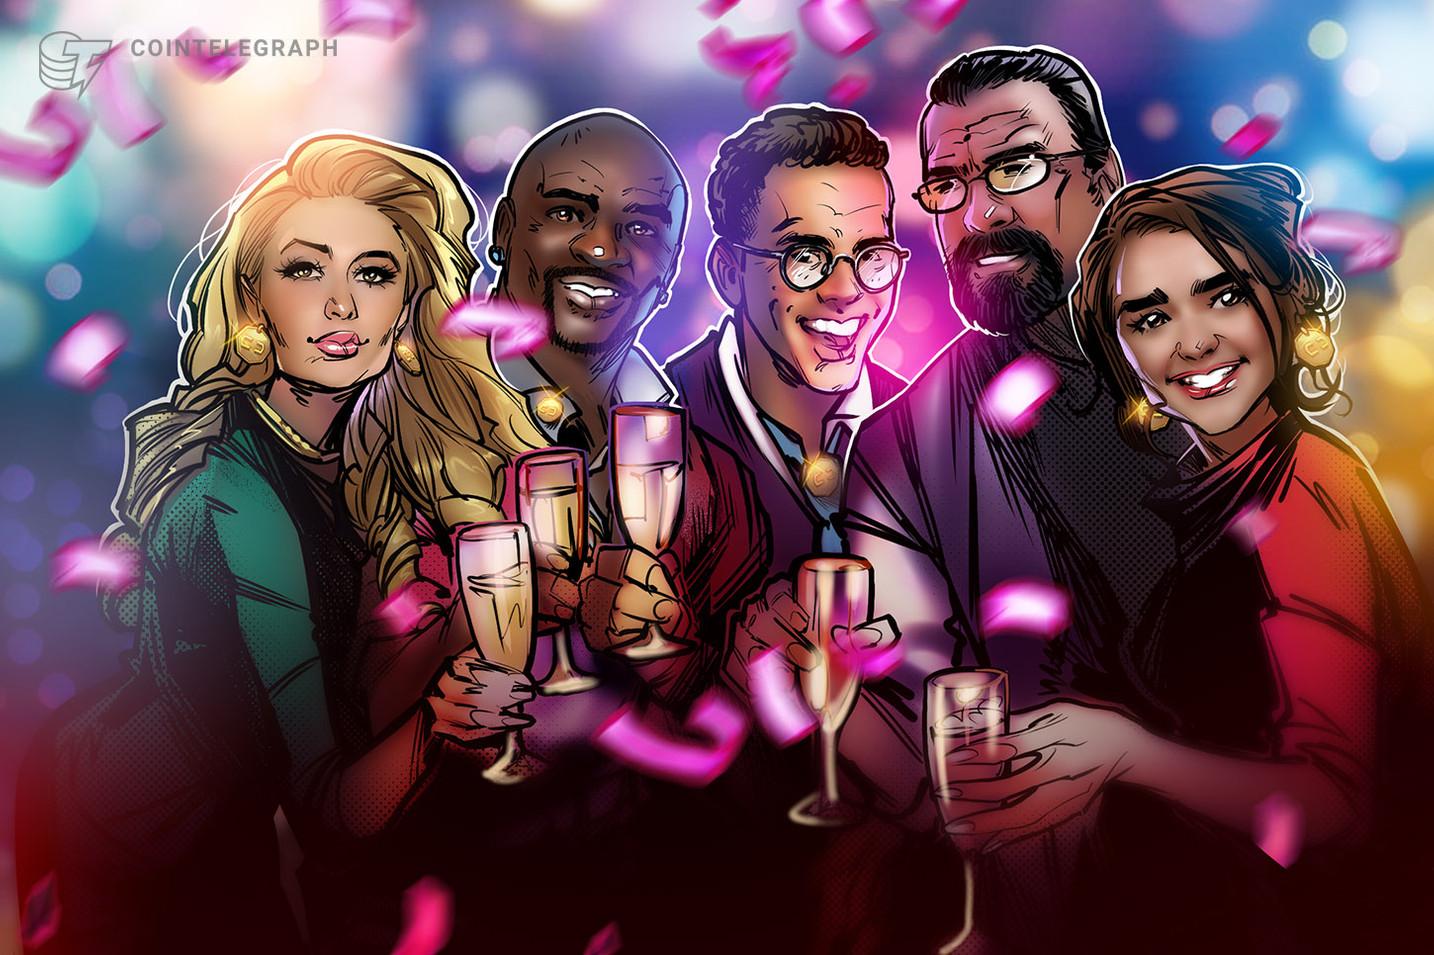 Celebridades y criptomonedas en 2020: ciudades impulsadas por blockchain, novatos de Bitcoin y trolleos en Twitter